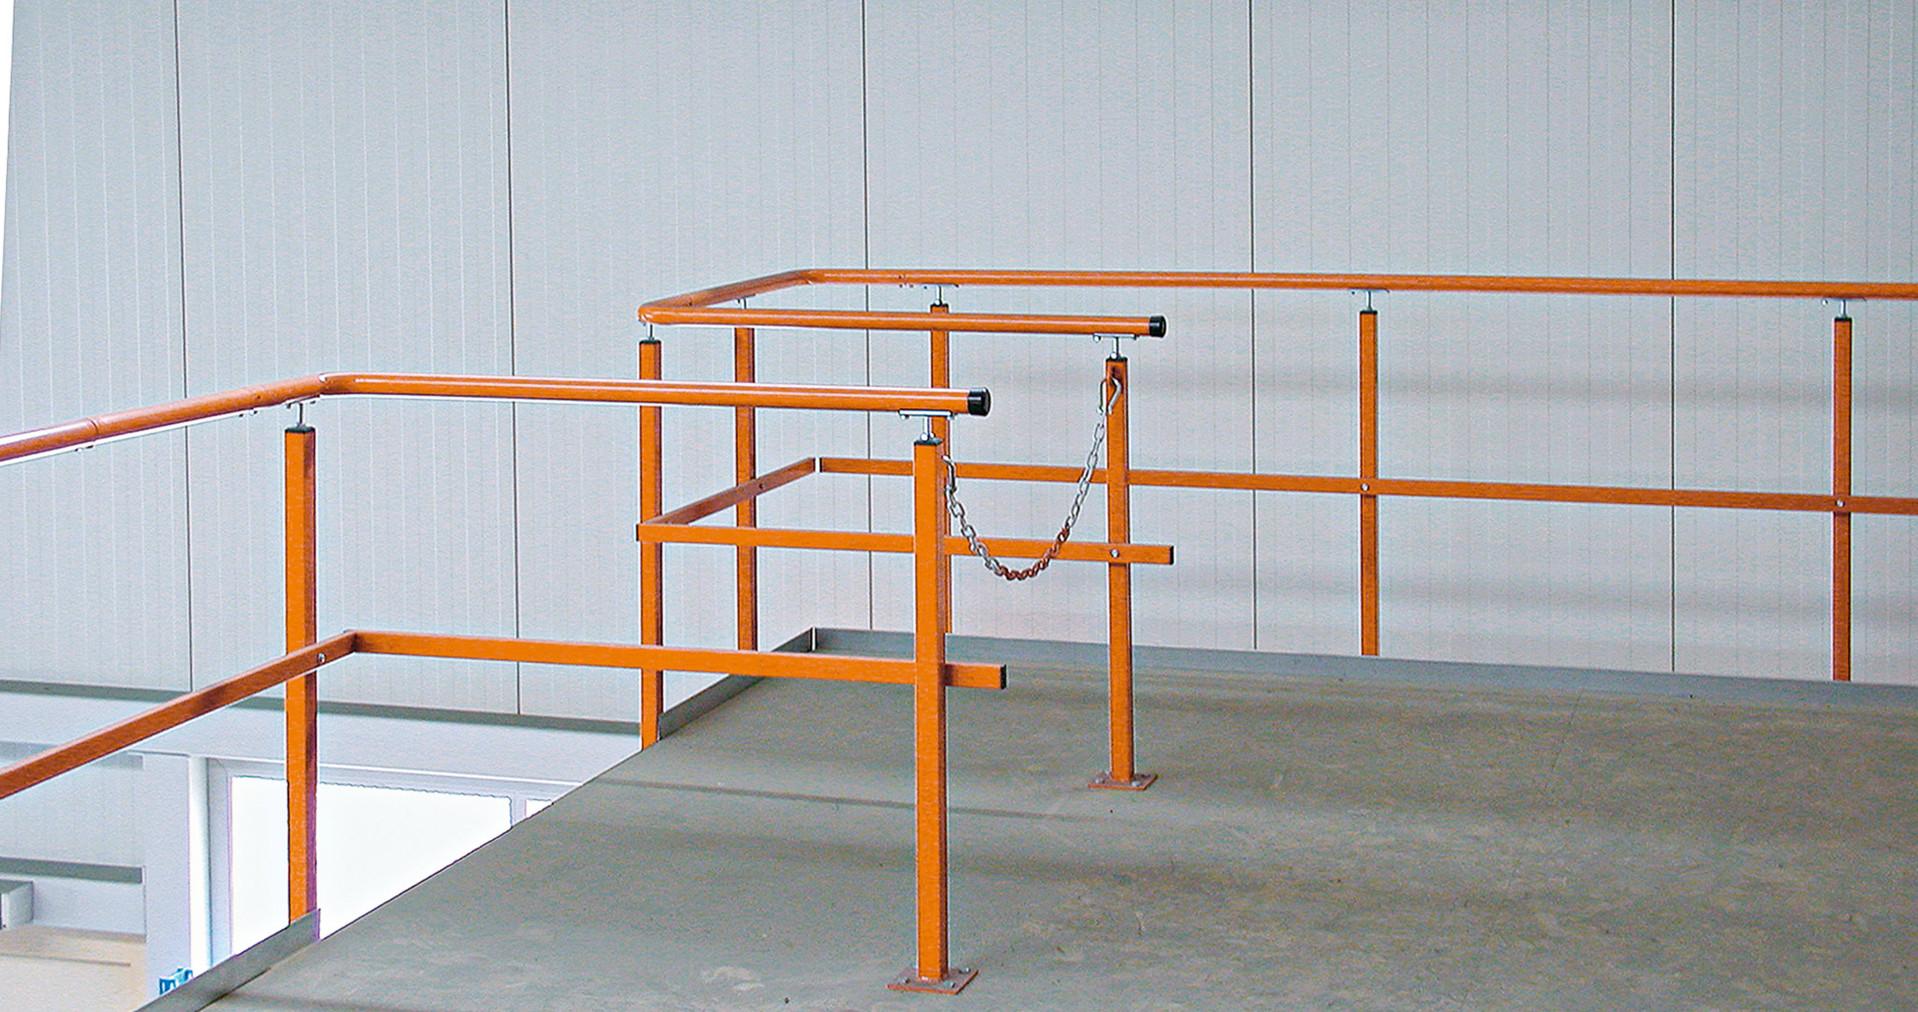 Bauteile einer Bühne - Übergabestationen mit Kette gesichert